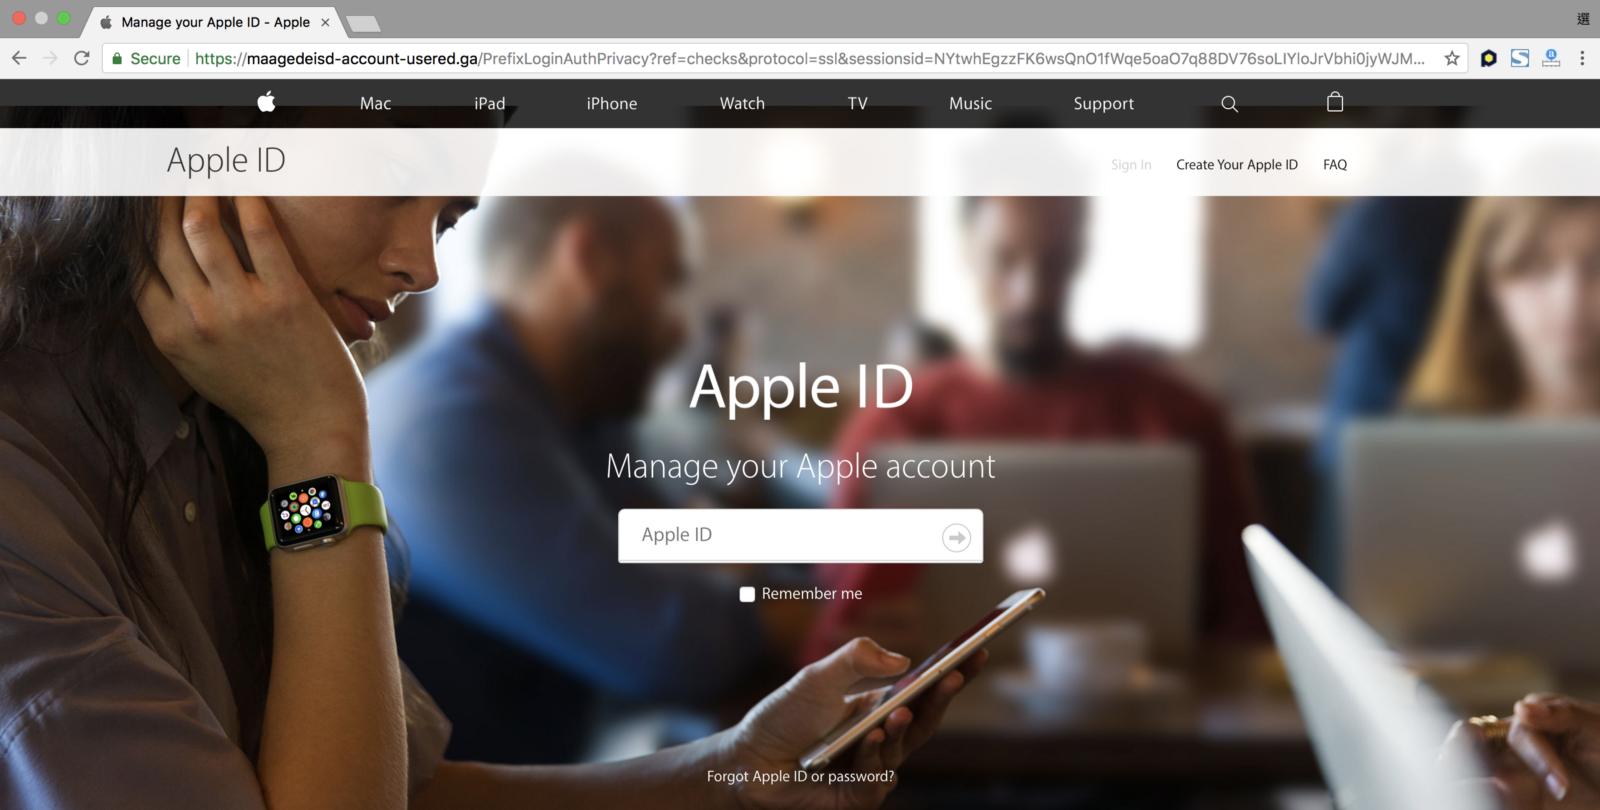 圖:假的Apple ID登入網站,可以看到他的網址根本就不是Apple的,更可怕的是他還申請到HTTPS的憑證(筆者撰文時這網站還在線上)